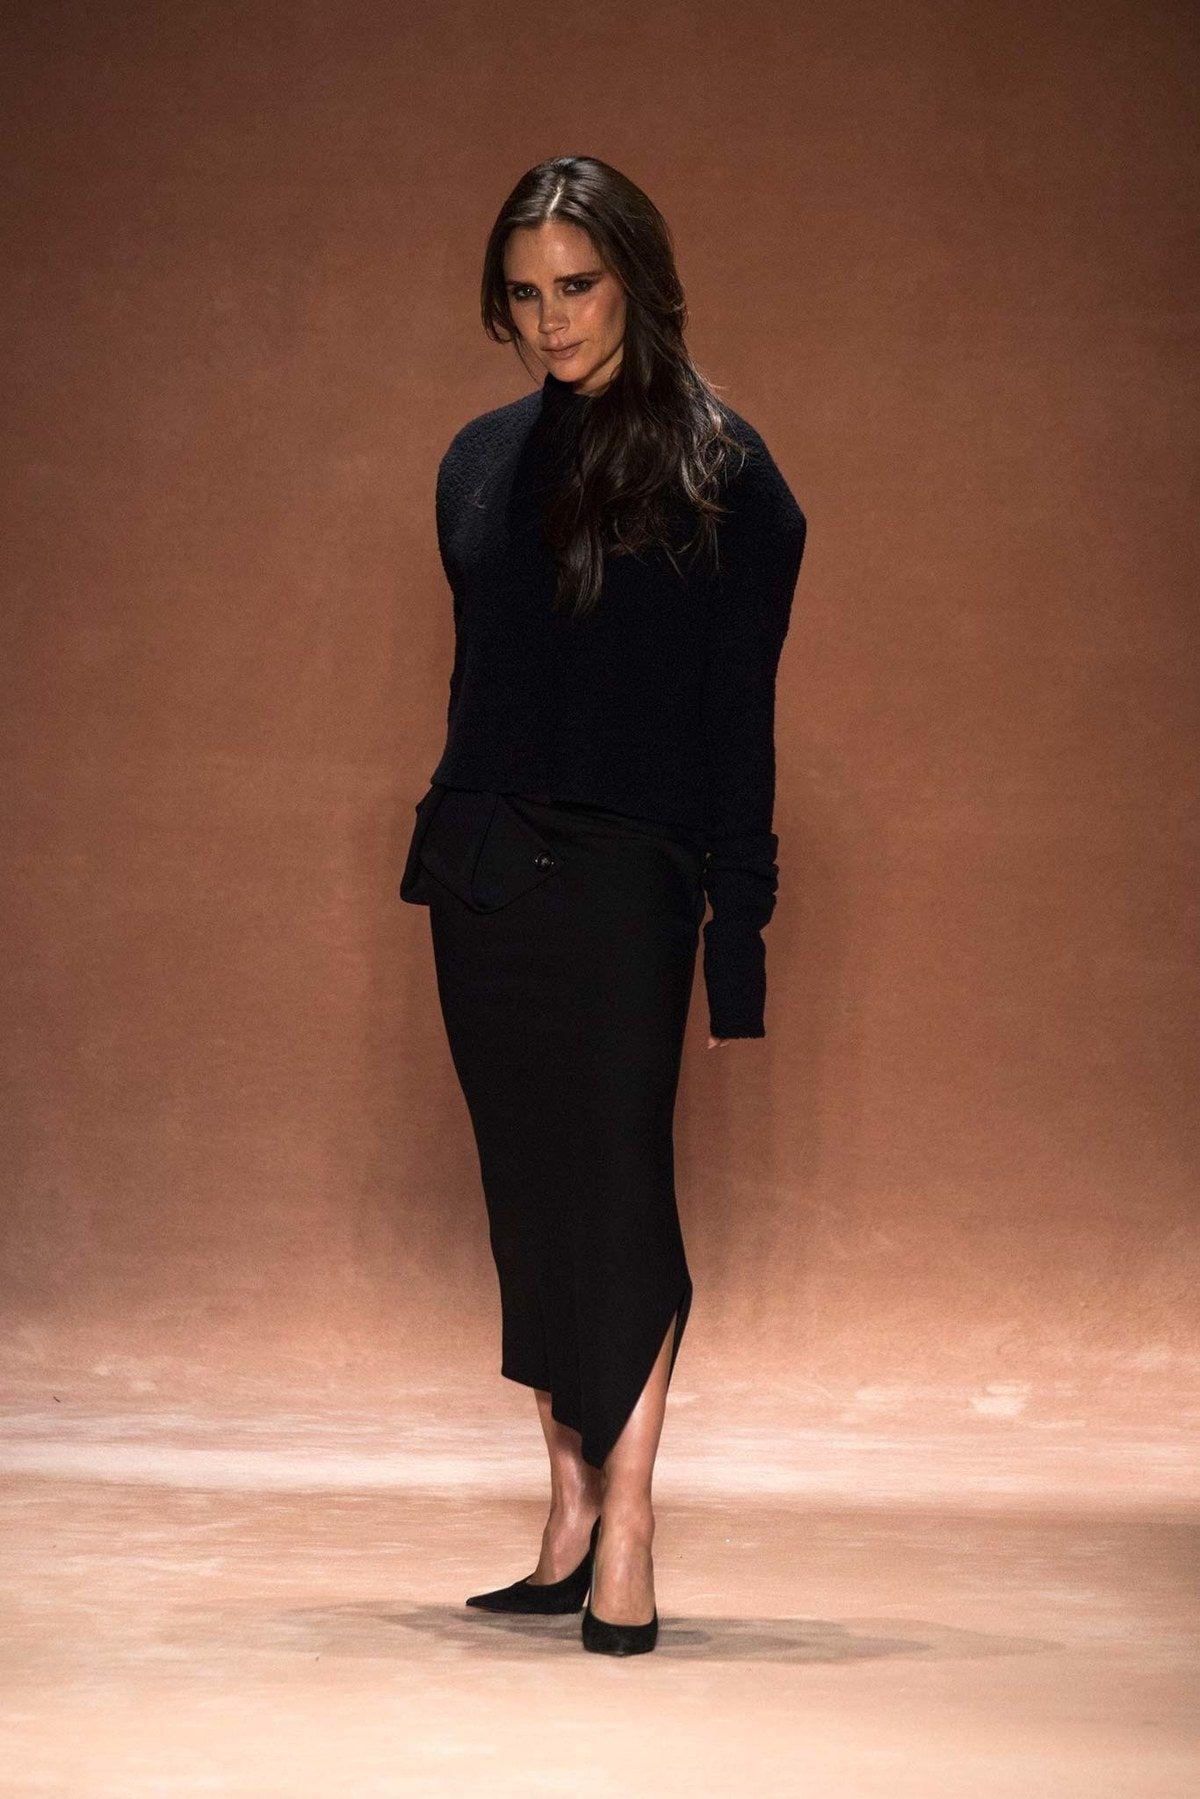 Victoria Beckham Herbst 2015 Ready-to-Wear Modenschau -  Victoria Beckham Herbst 2015 Ready-to-Wear-Kollektion, Runway-Looks, Schönheit, Modelle und Testbe - #Beckham #EmmaRoberts #FashionDesigners #Herbst #Modenschau #ReadytoWear #ShilpaShetty #Victoria #VictoriaBeckham